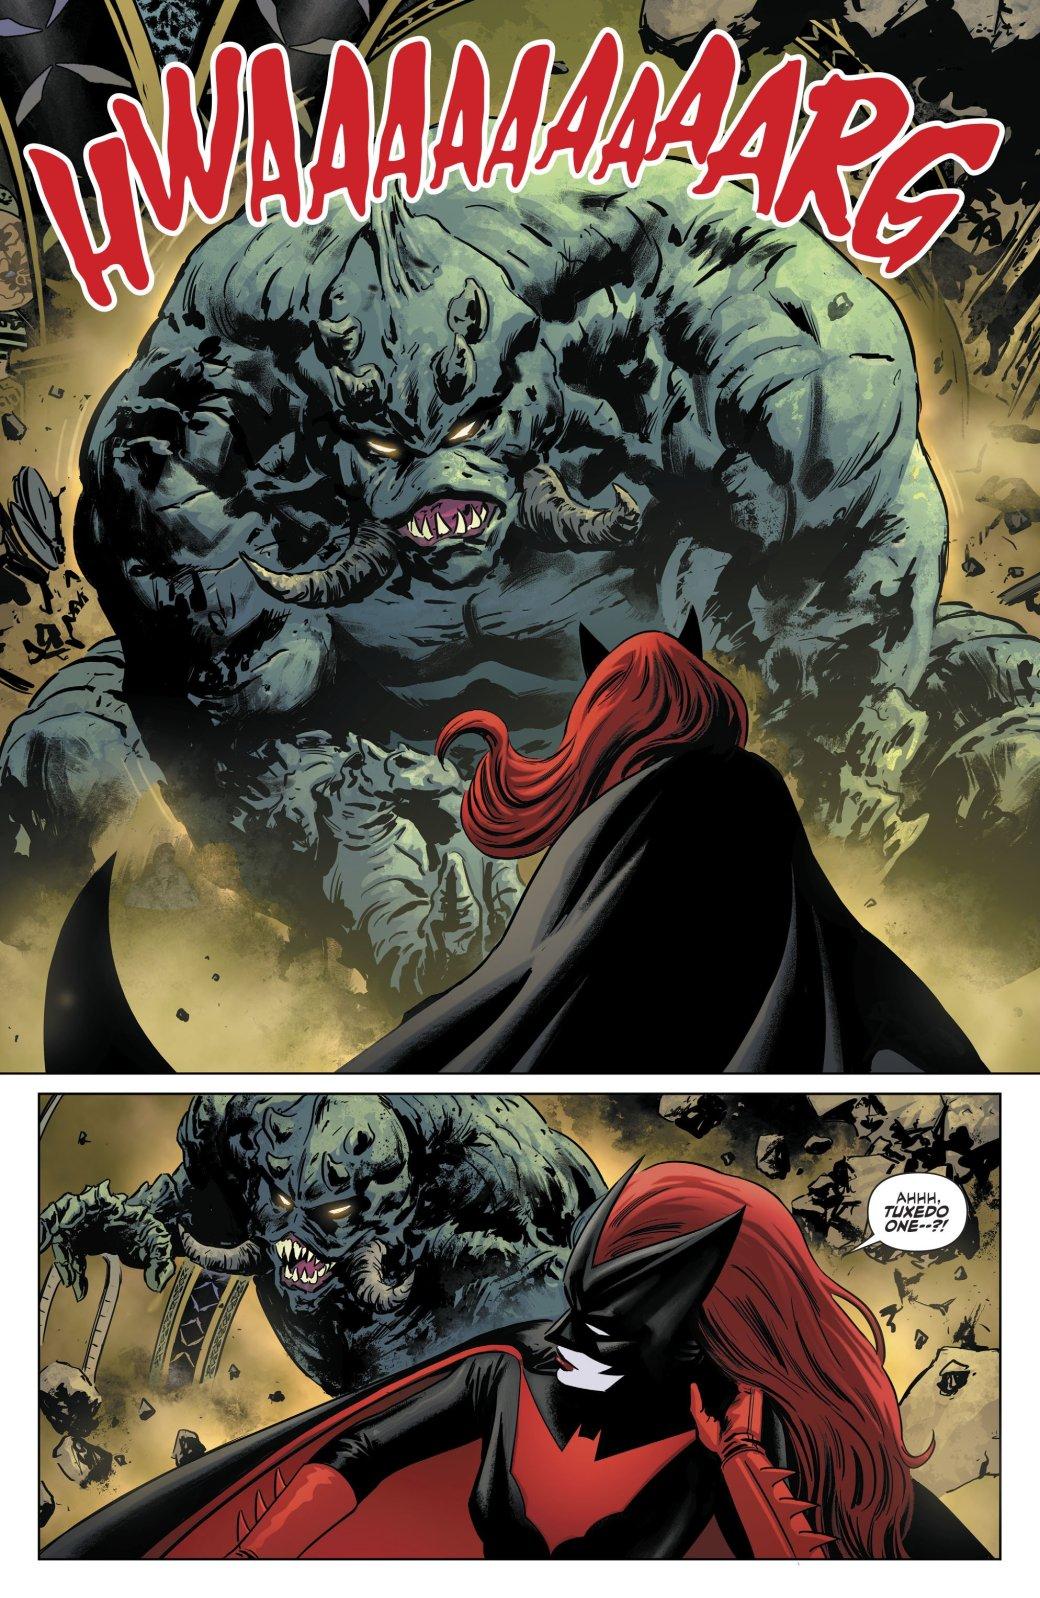 Бэтвуман придется столкнуться со своим прошлым - Изображение 1